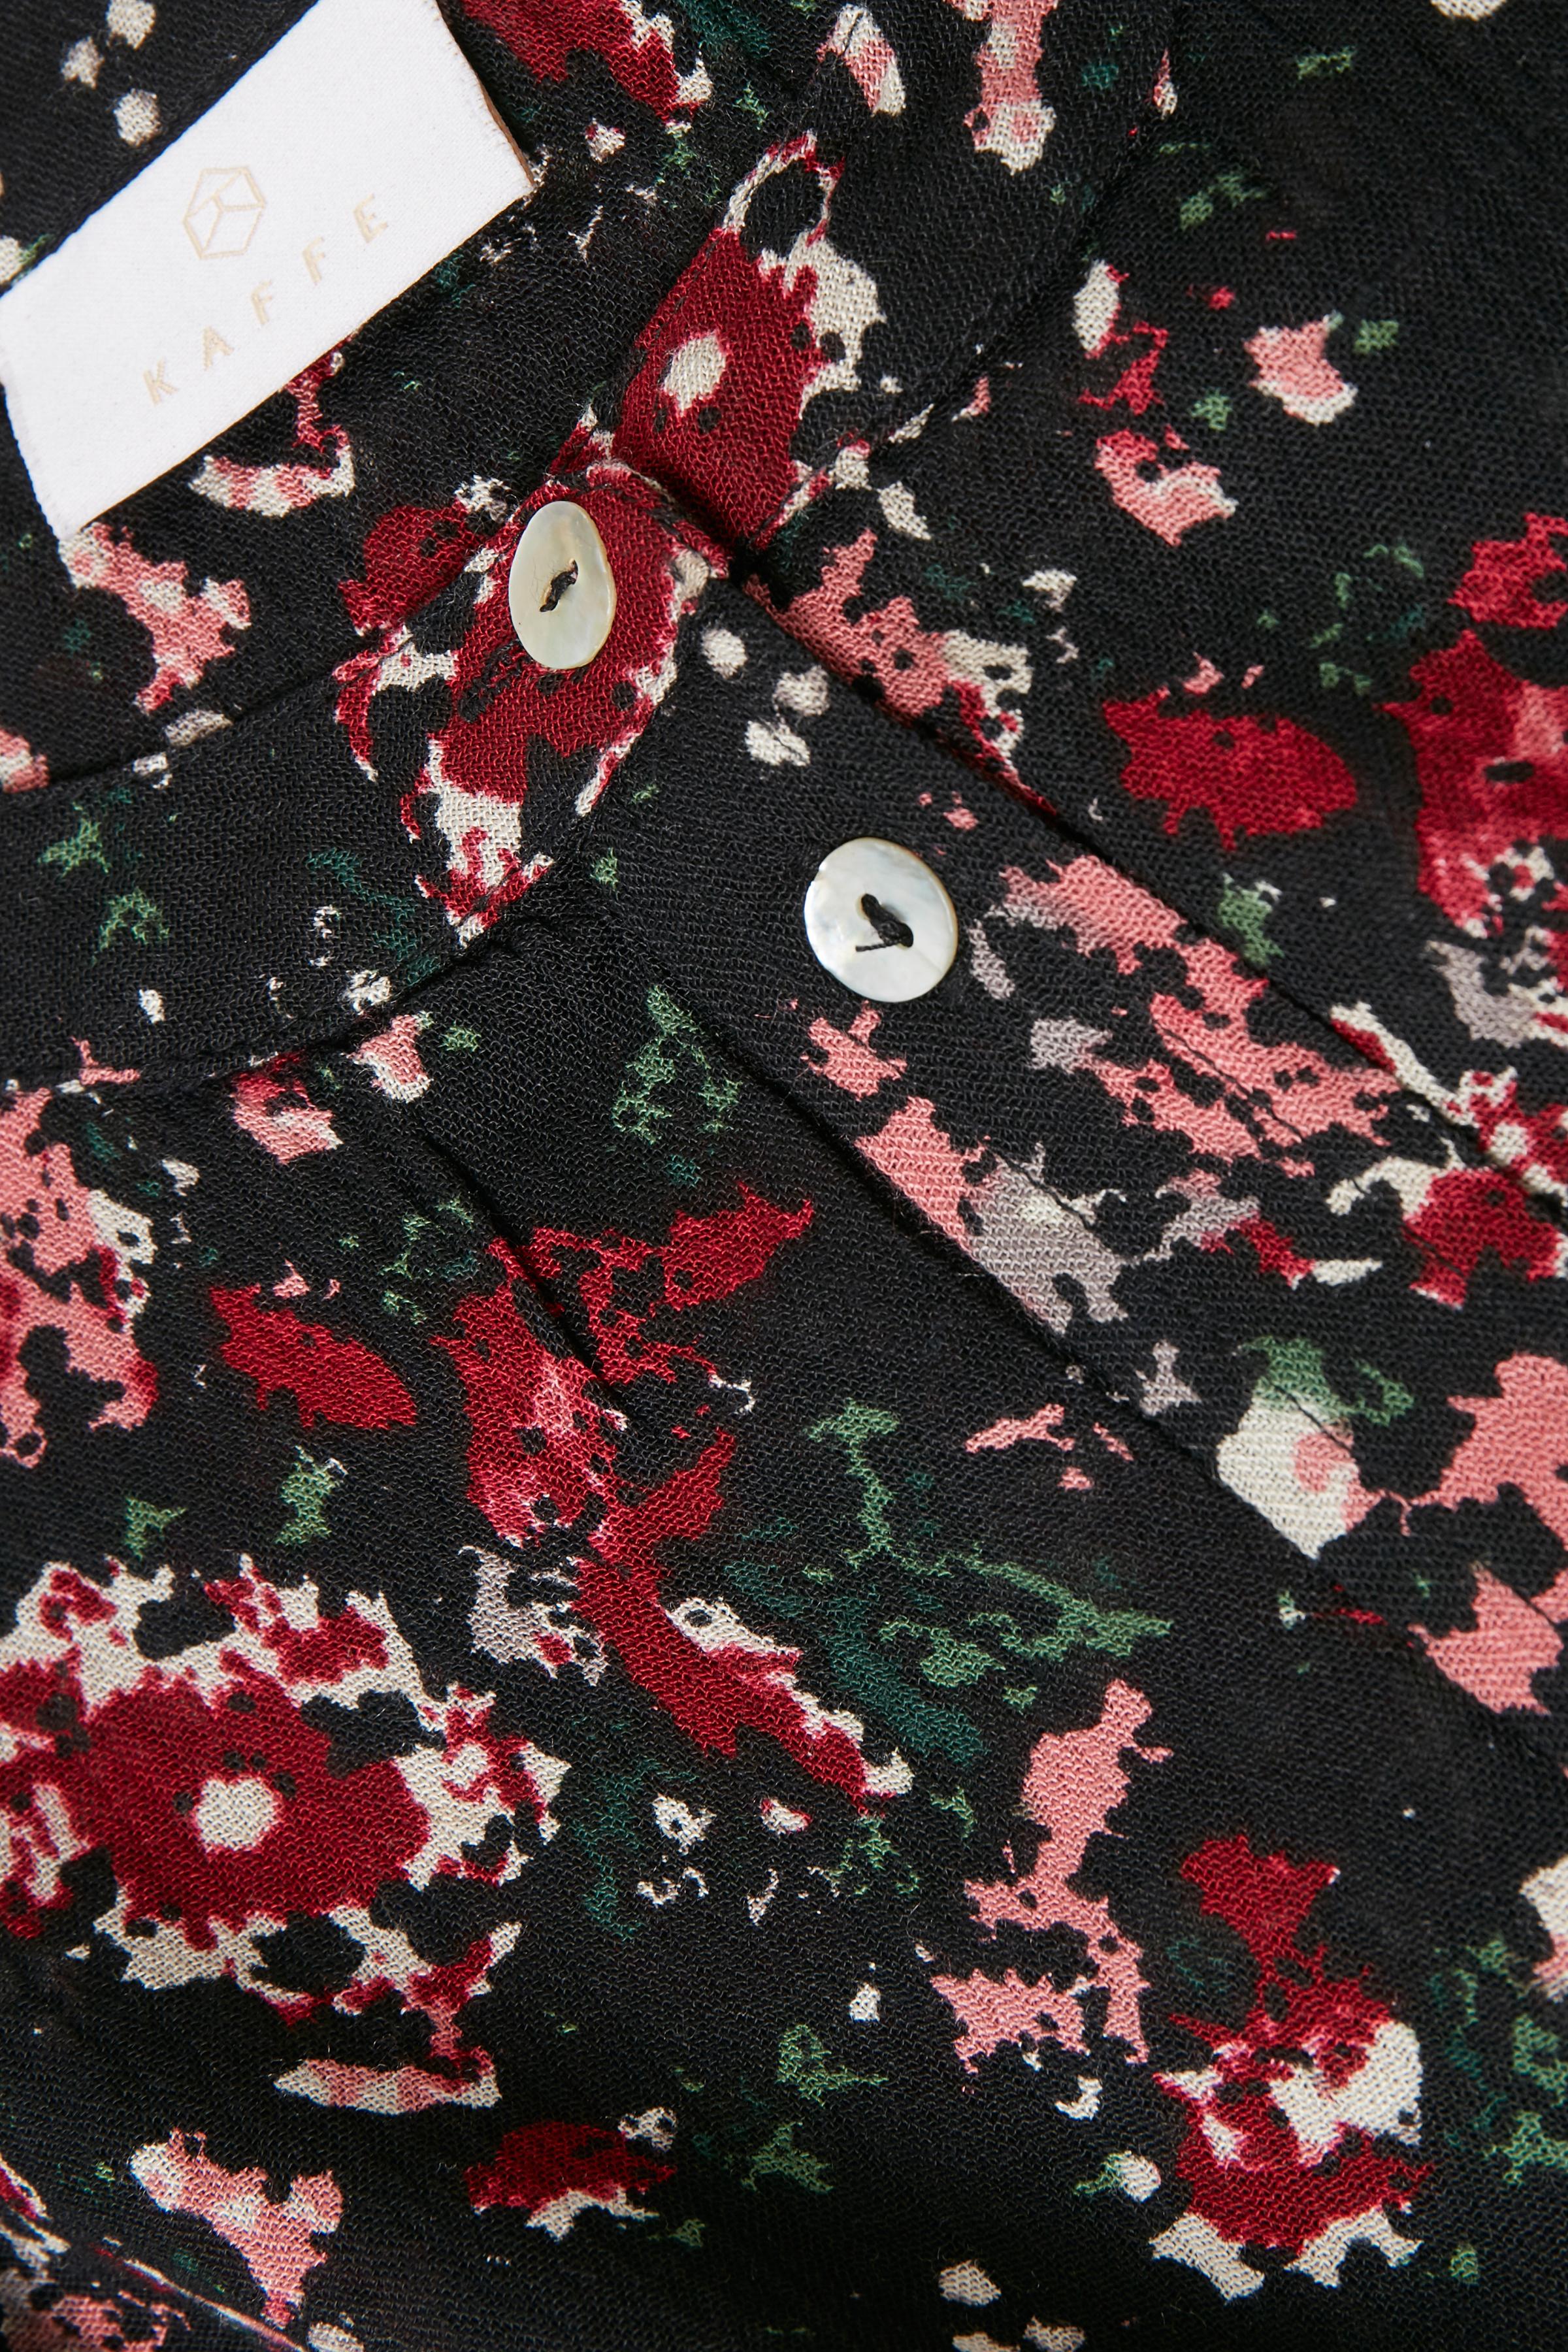 Svart/röd Långärmad skjorta från Kaffe – Köp Svart/röd Långärmad skjorta från stl. 34-46 här